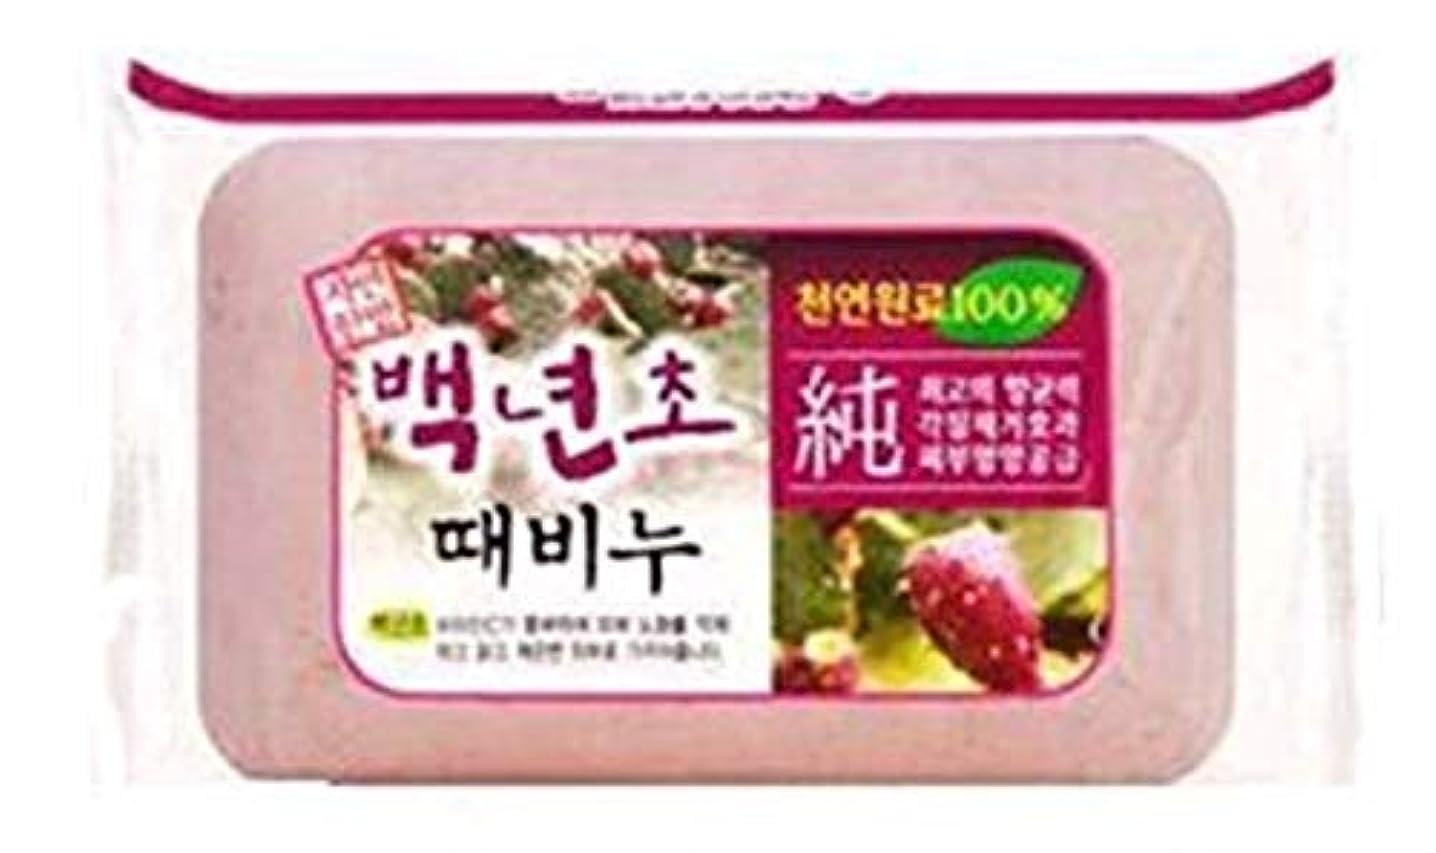 確認唯一良心的人気の百年草のアカスリ石ケン 1個で900円、韓国本場の業務用アカスリせっけん、